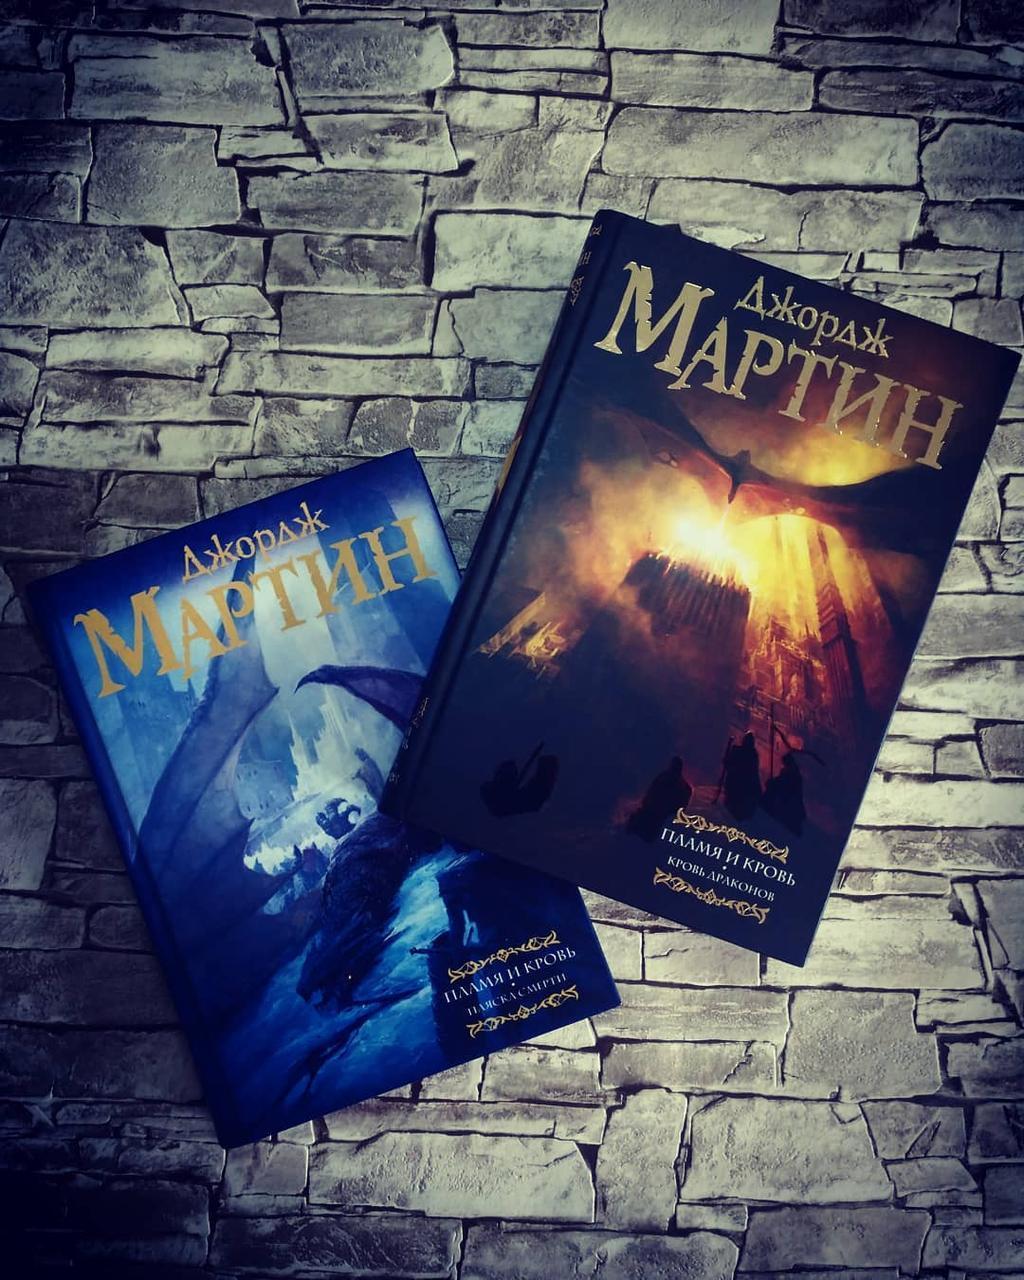 """Набор книг """"Пламя и кровь. Кровь дракона"""", """"Пламя и кровь. Пляска смерти"""" Дж. Р. Р. Мартина."""